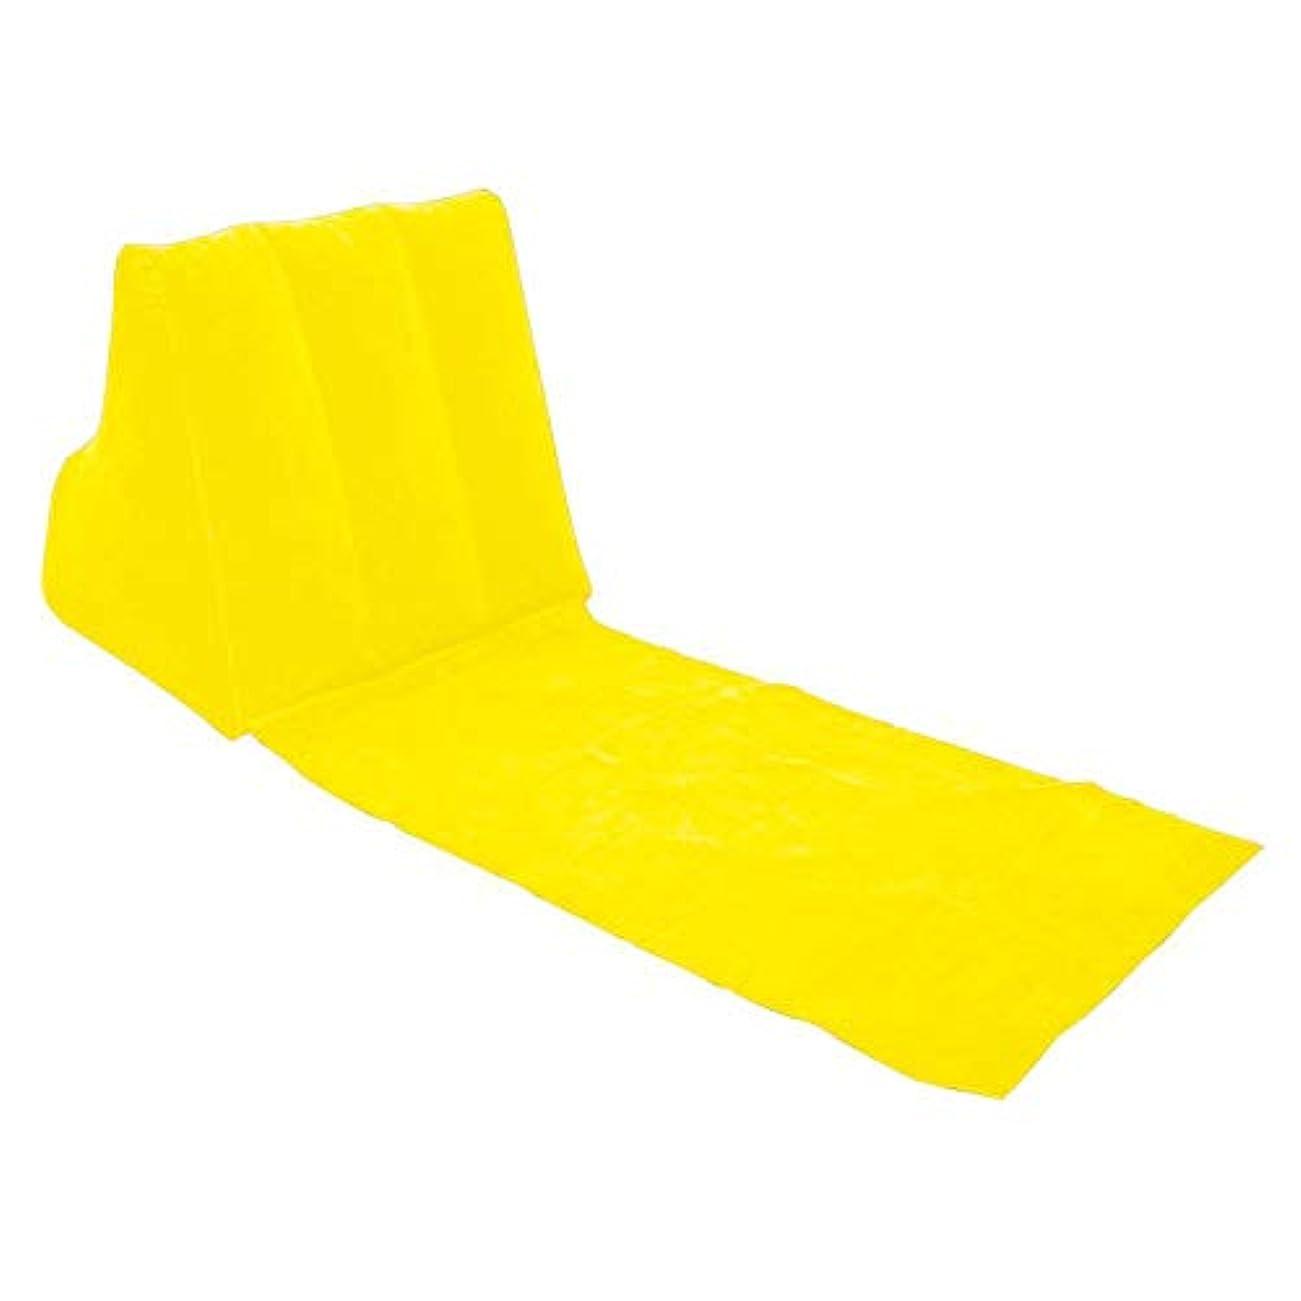 ハブフォークキャプテンブライLULAA 三角クッション 三角枕 インフレータブル 折畳み式 背もたれ 足置き 読書 日光浴 キャンプ アウトドア 旅行